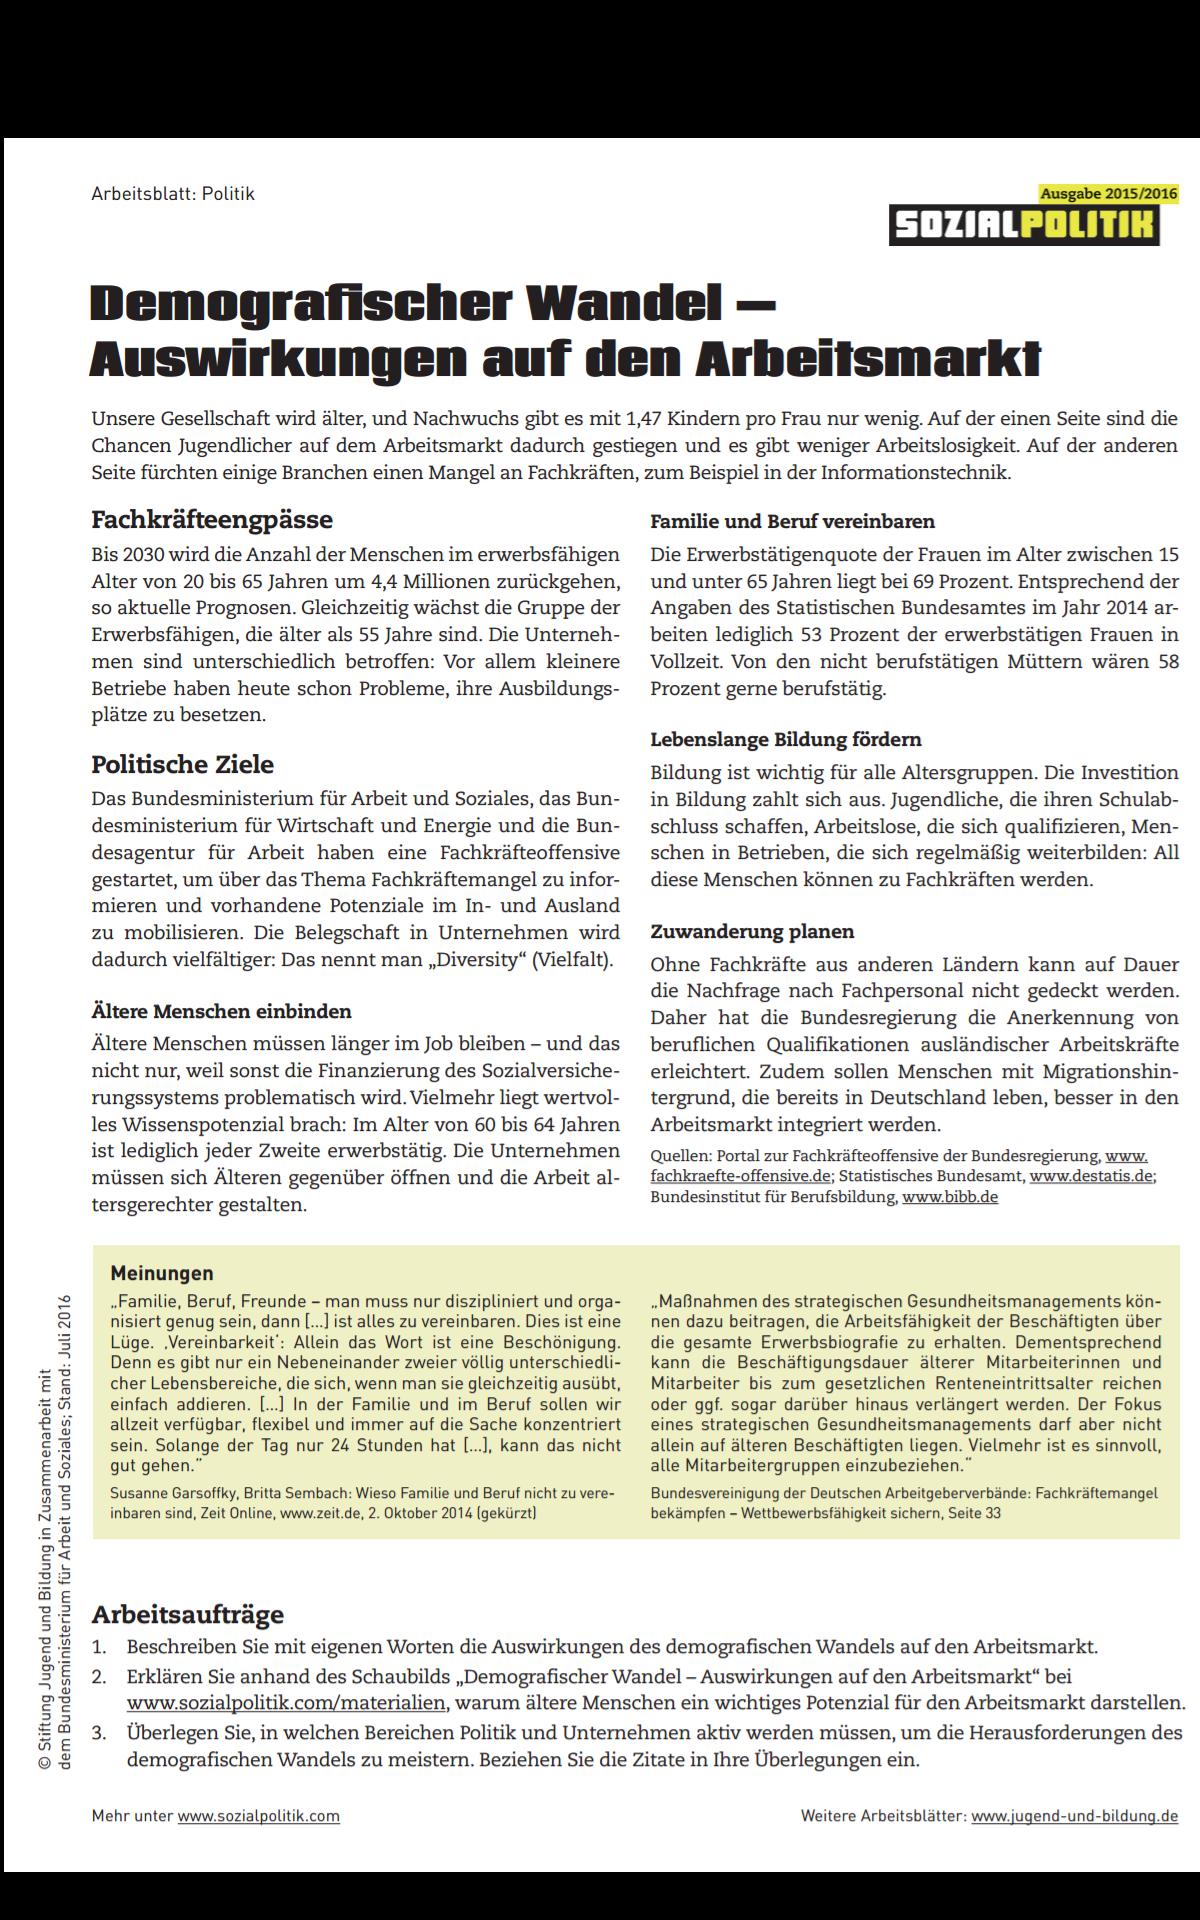 Demografischer Wandel am Arbeitsmarkt - Lehr/Lernseite Hr. Spenner ...